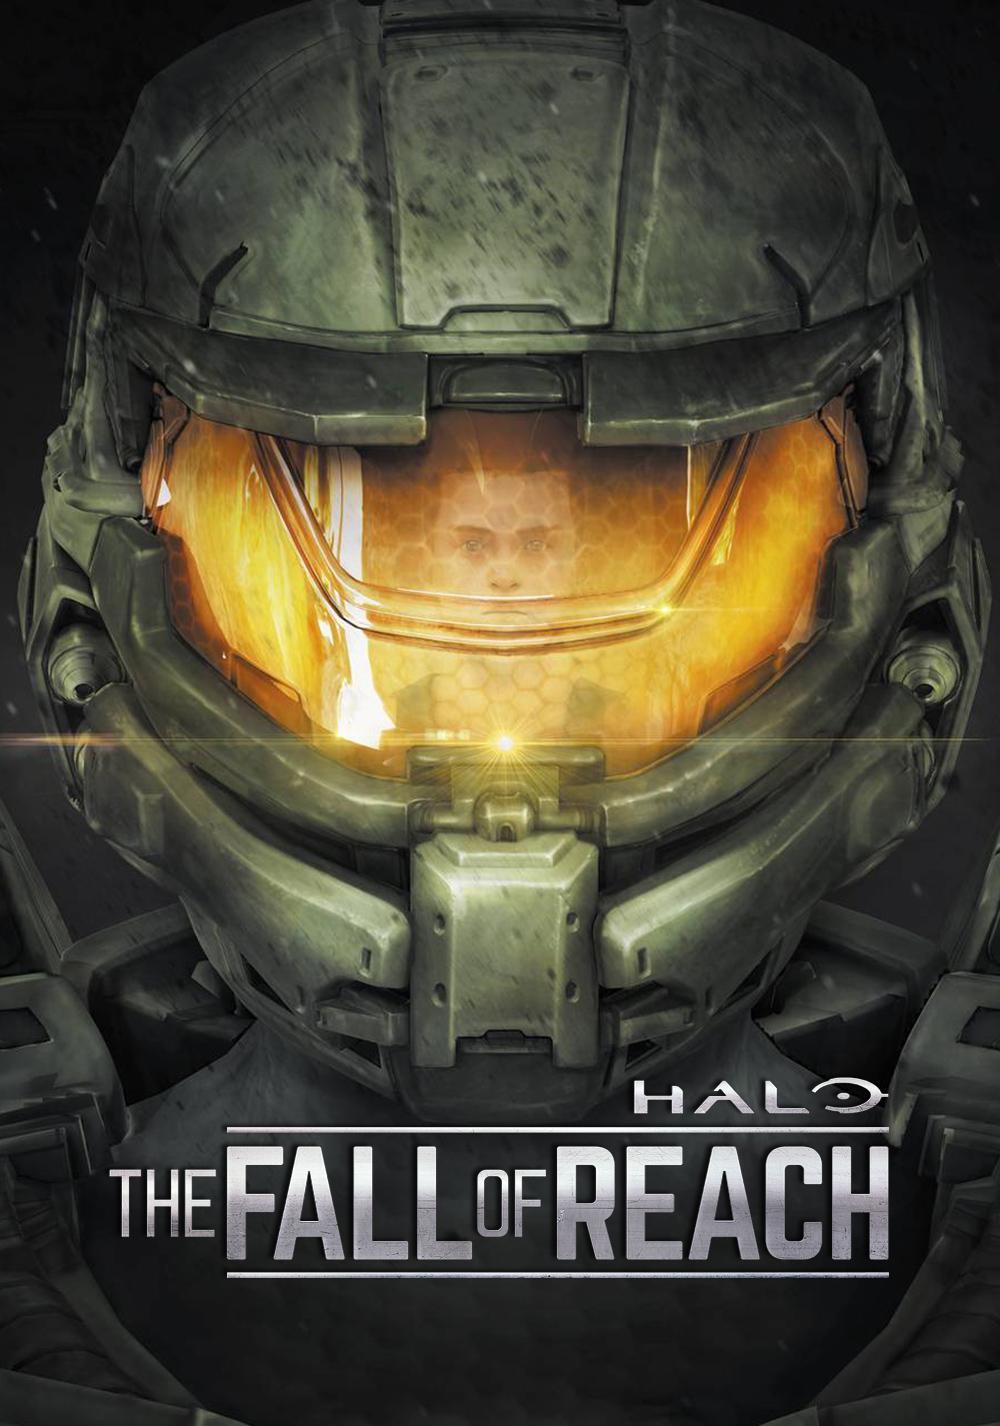 halo the fall of reach izle 541